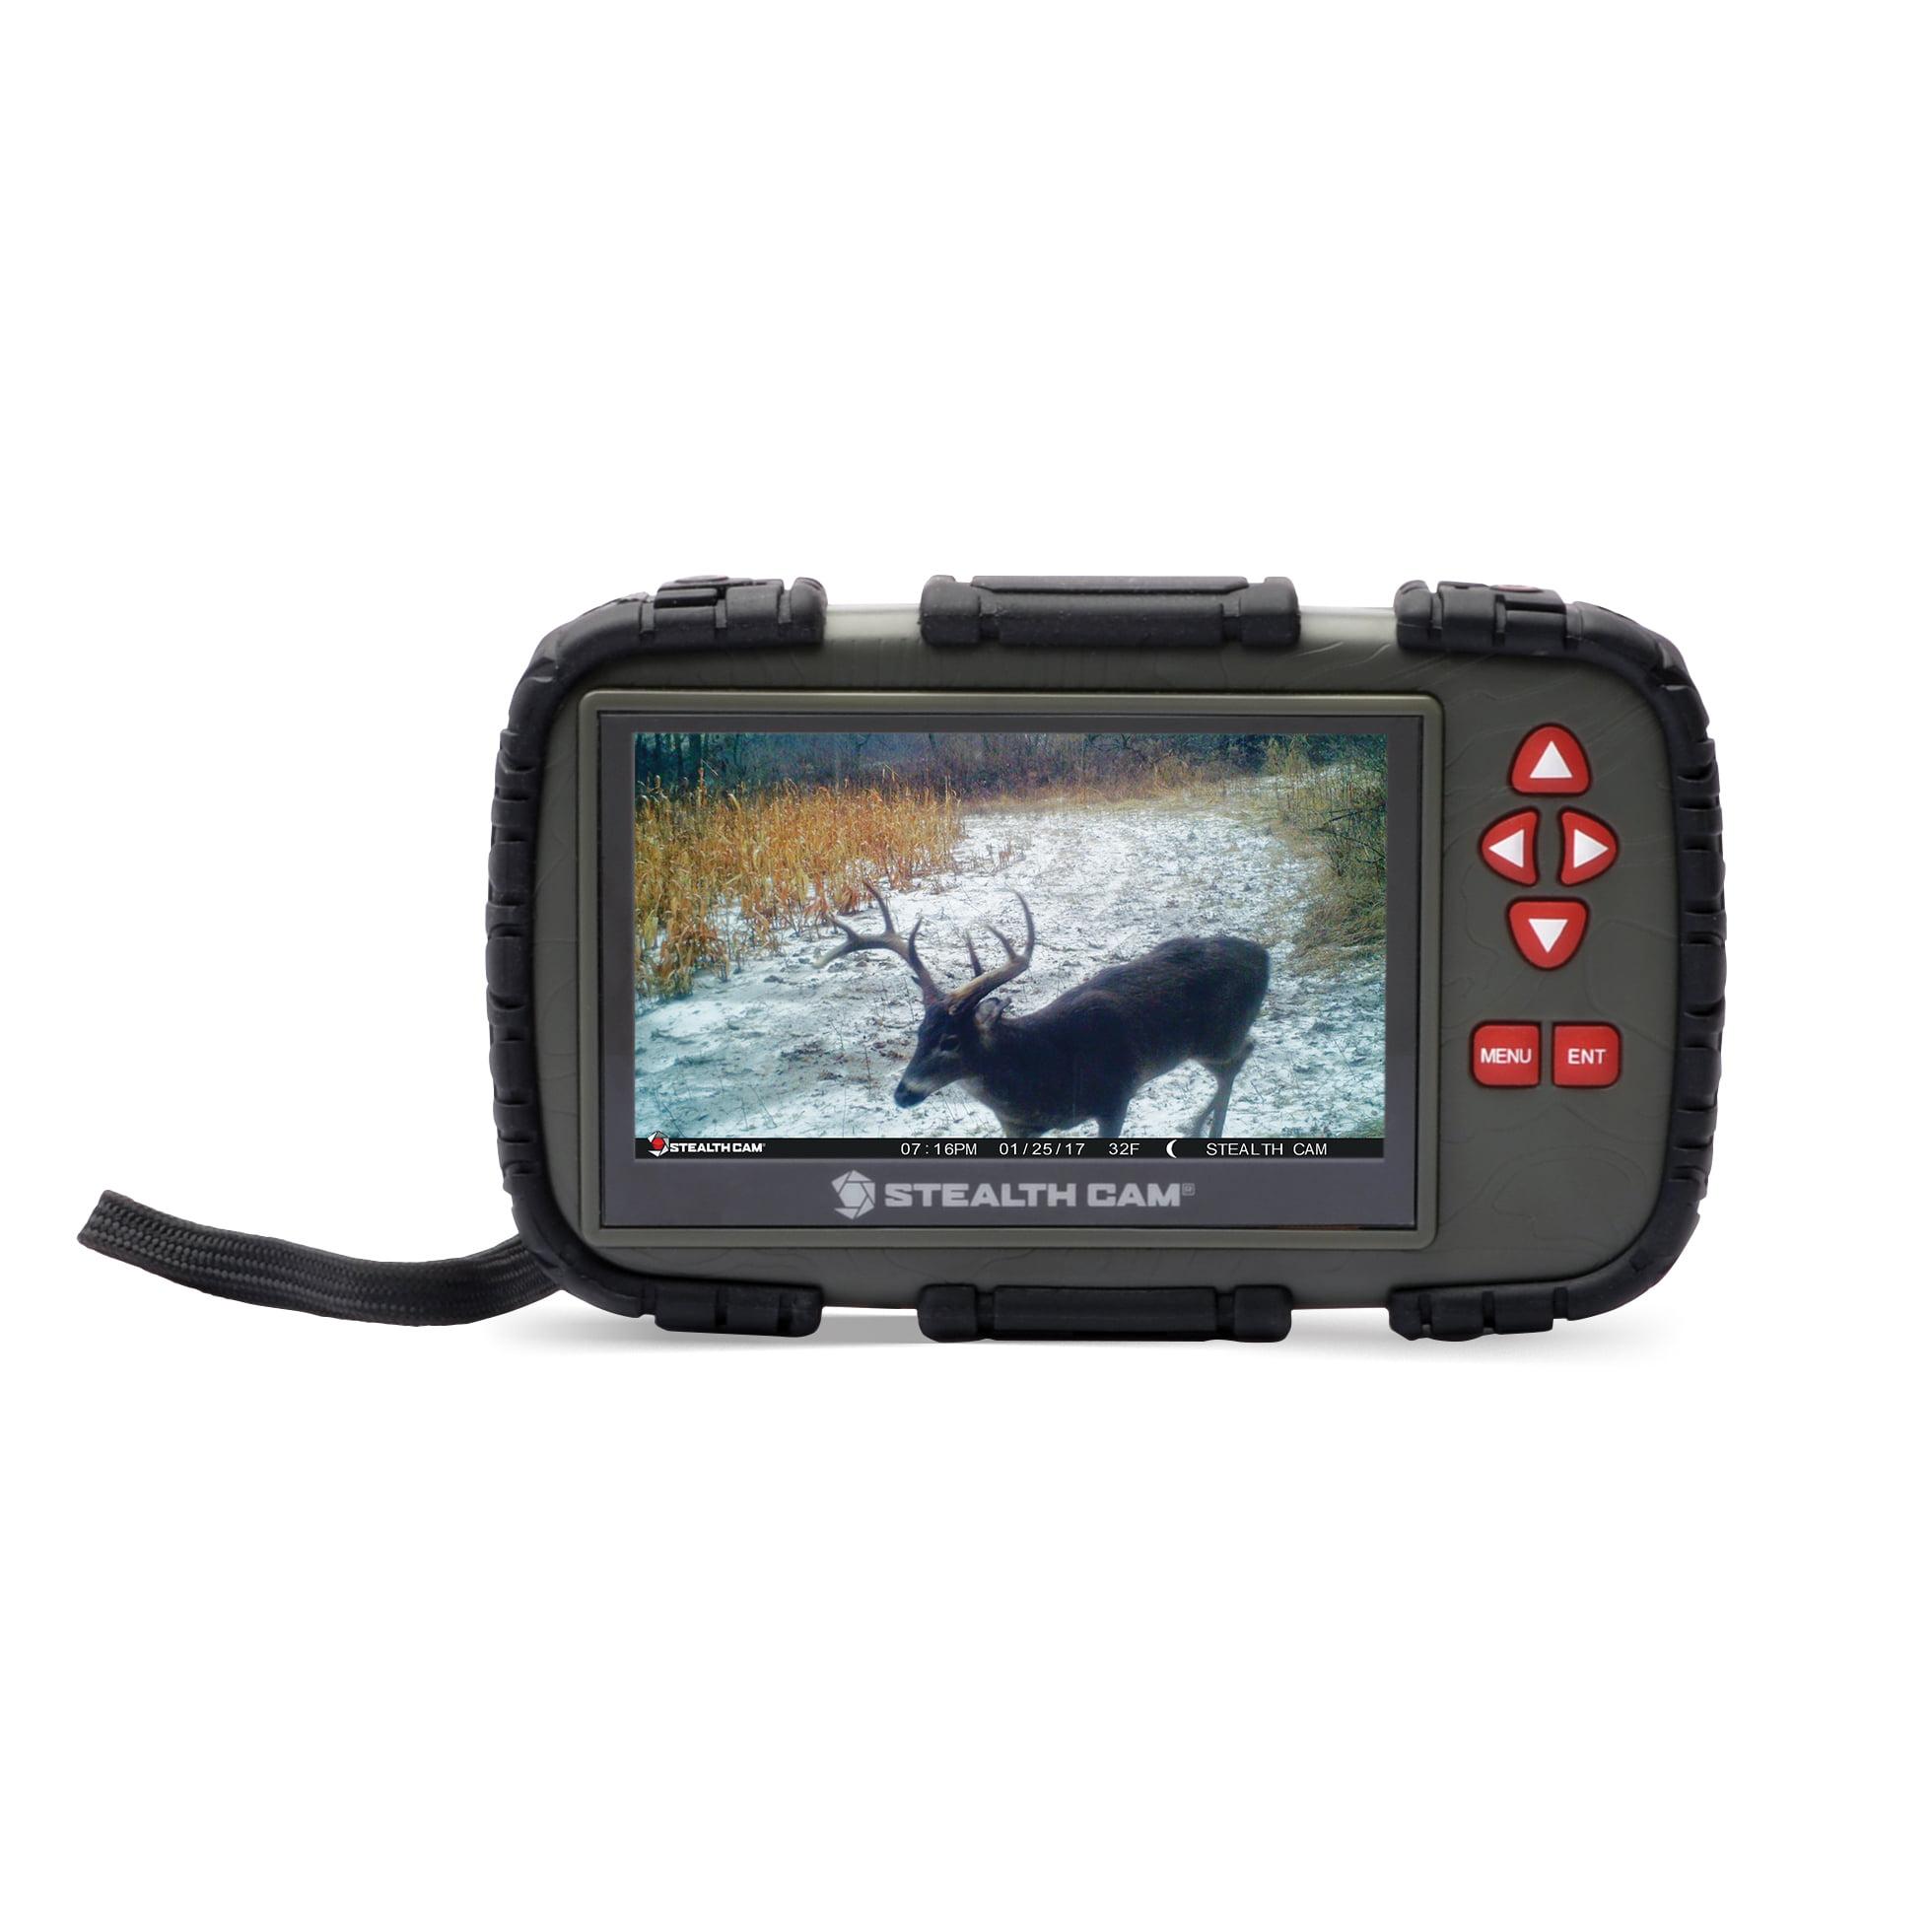 Stealth Cam STC-CRV43X 720p Touch-screen SD Card Viewer